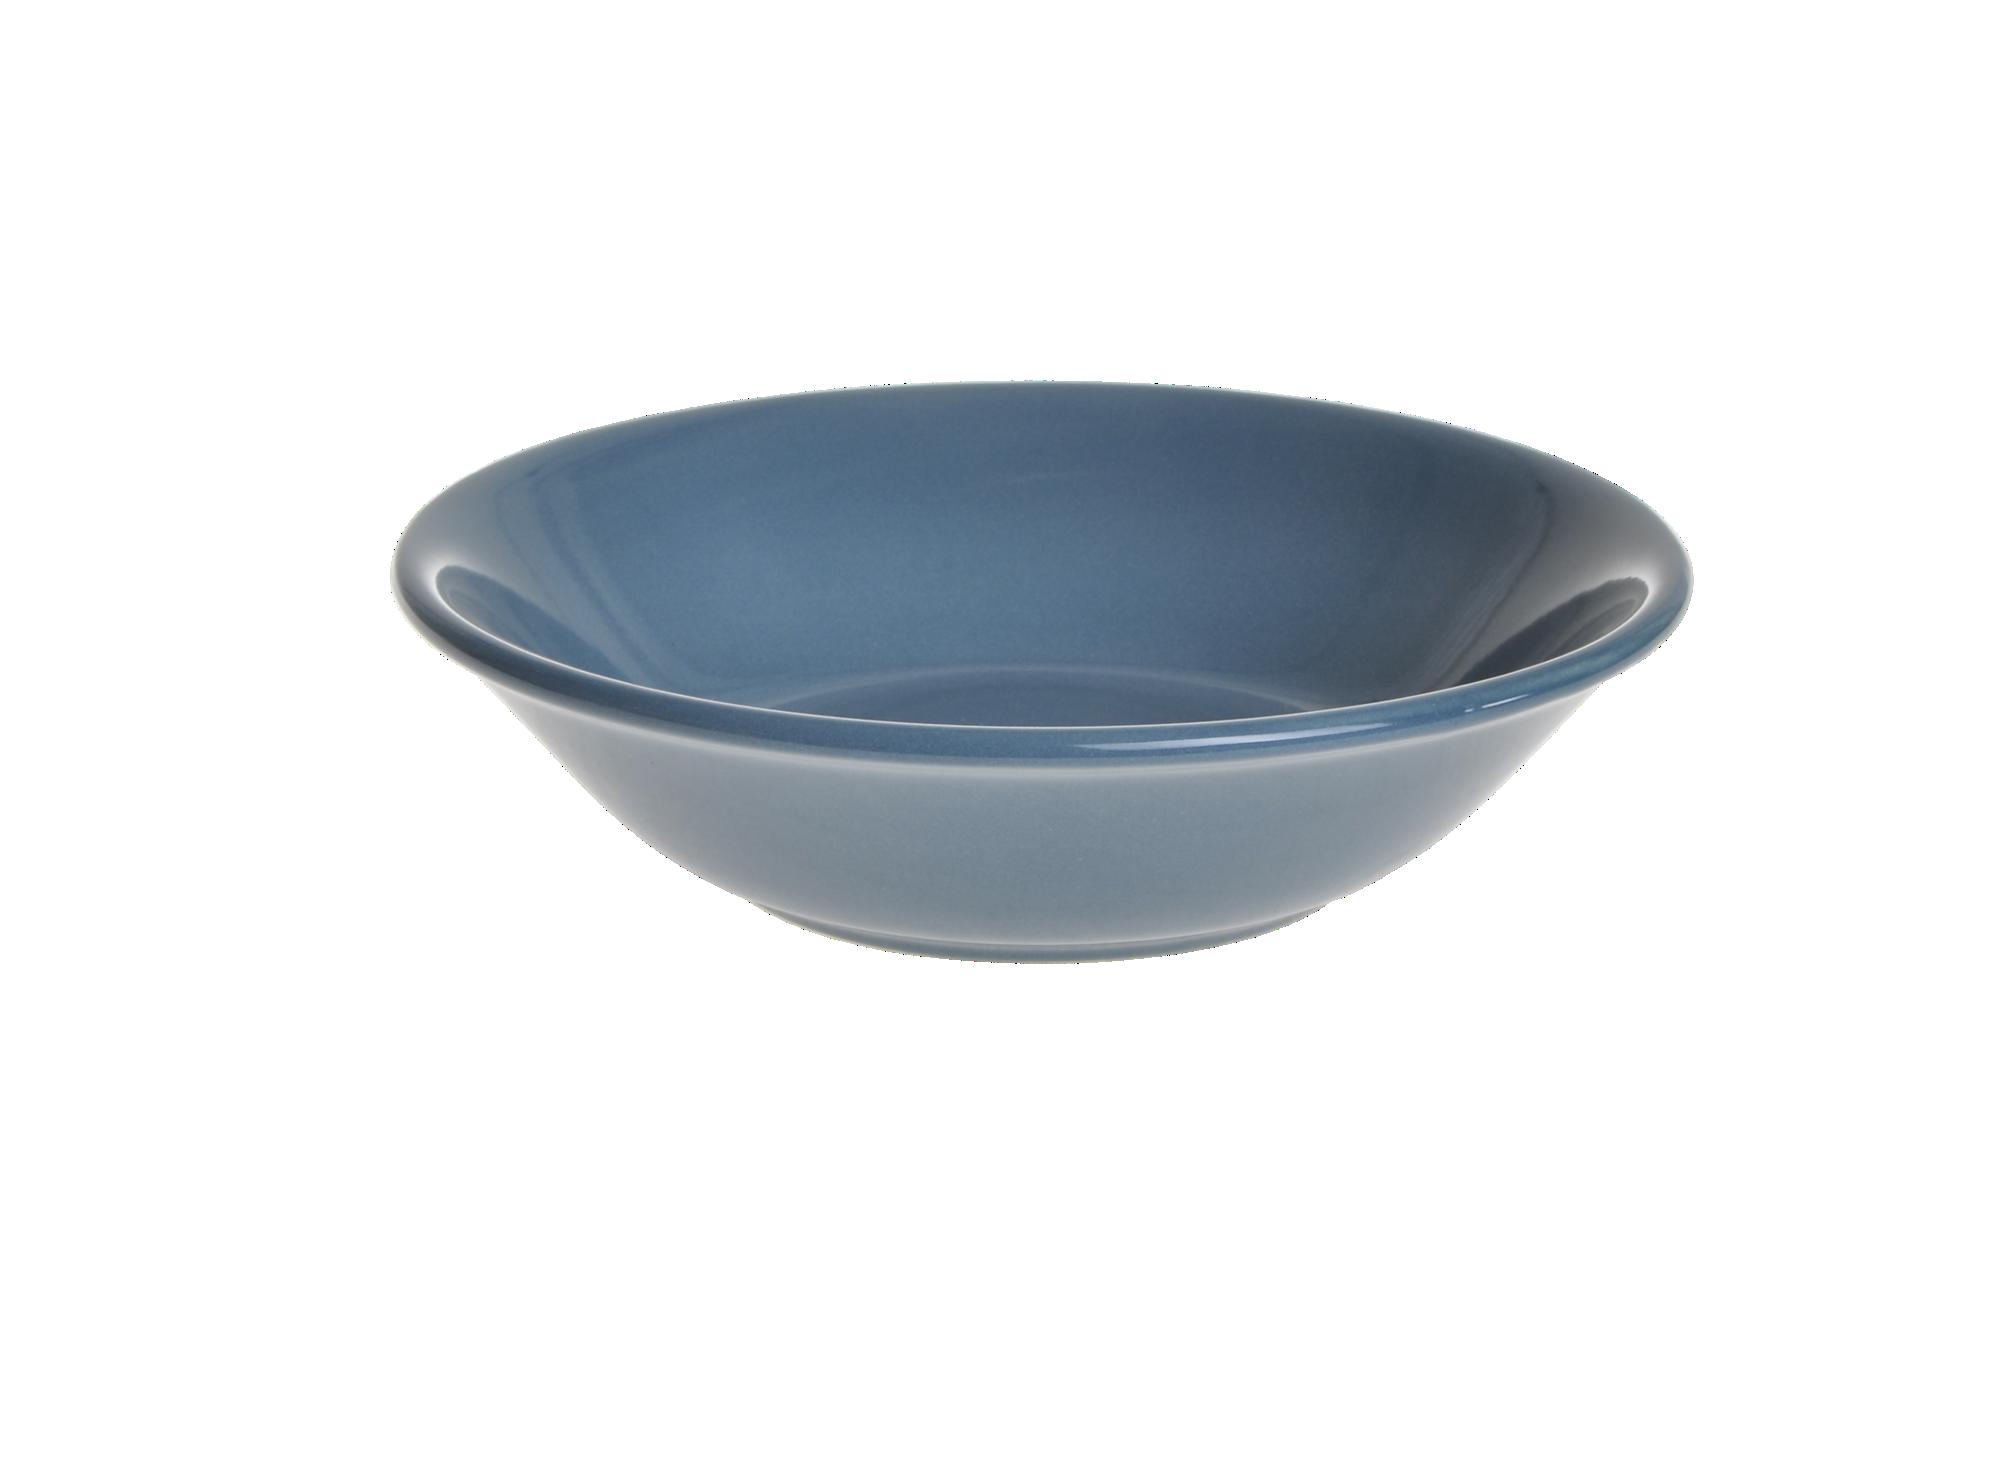 Assiette creuse en faience emaillee coloris bleu resiste au lave-vais ...